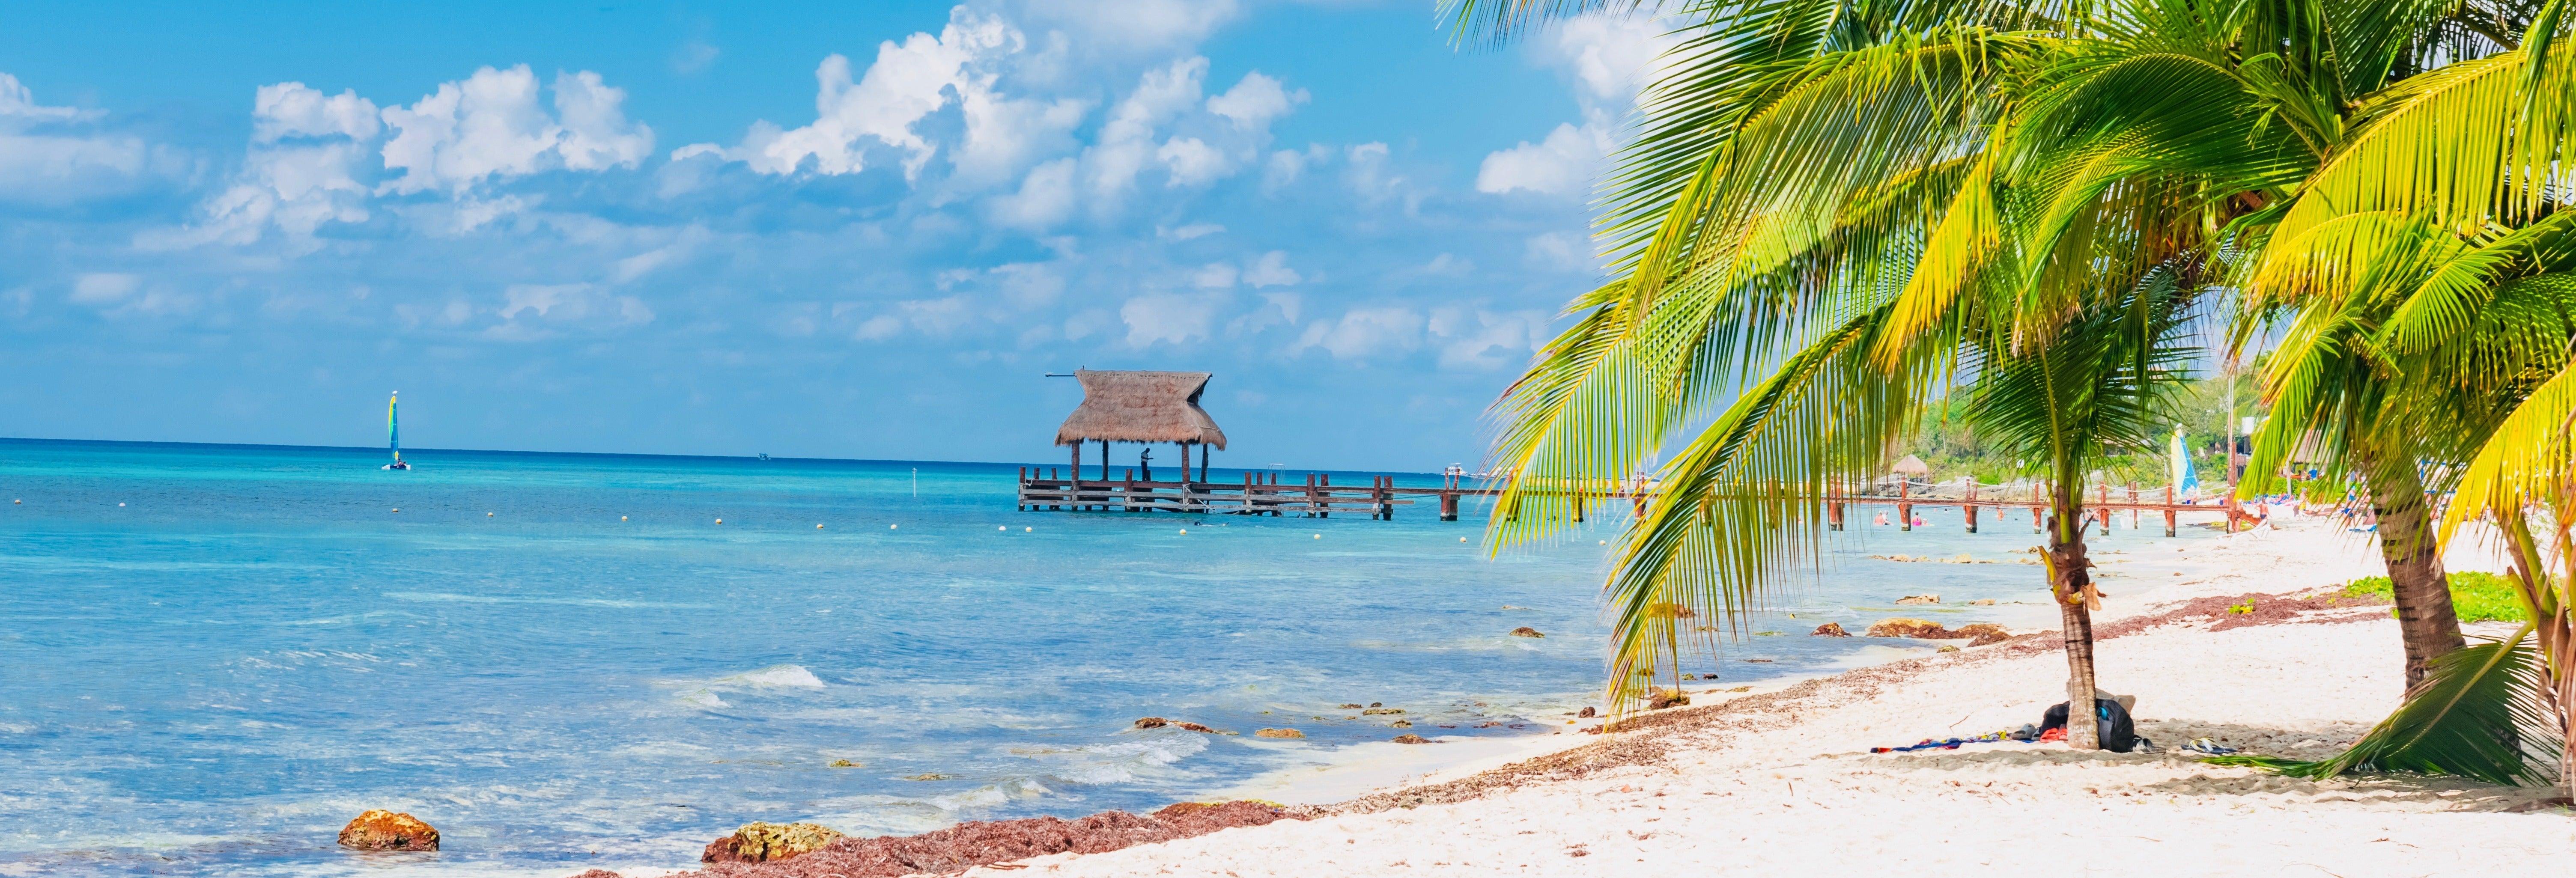 Excursión a Cozumel en barco